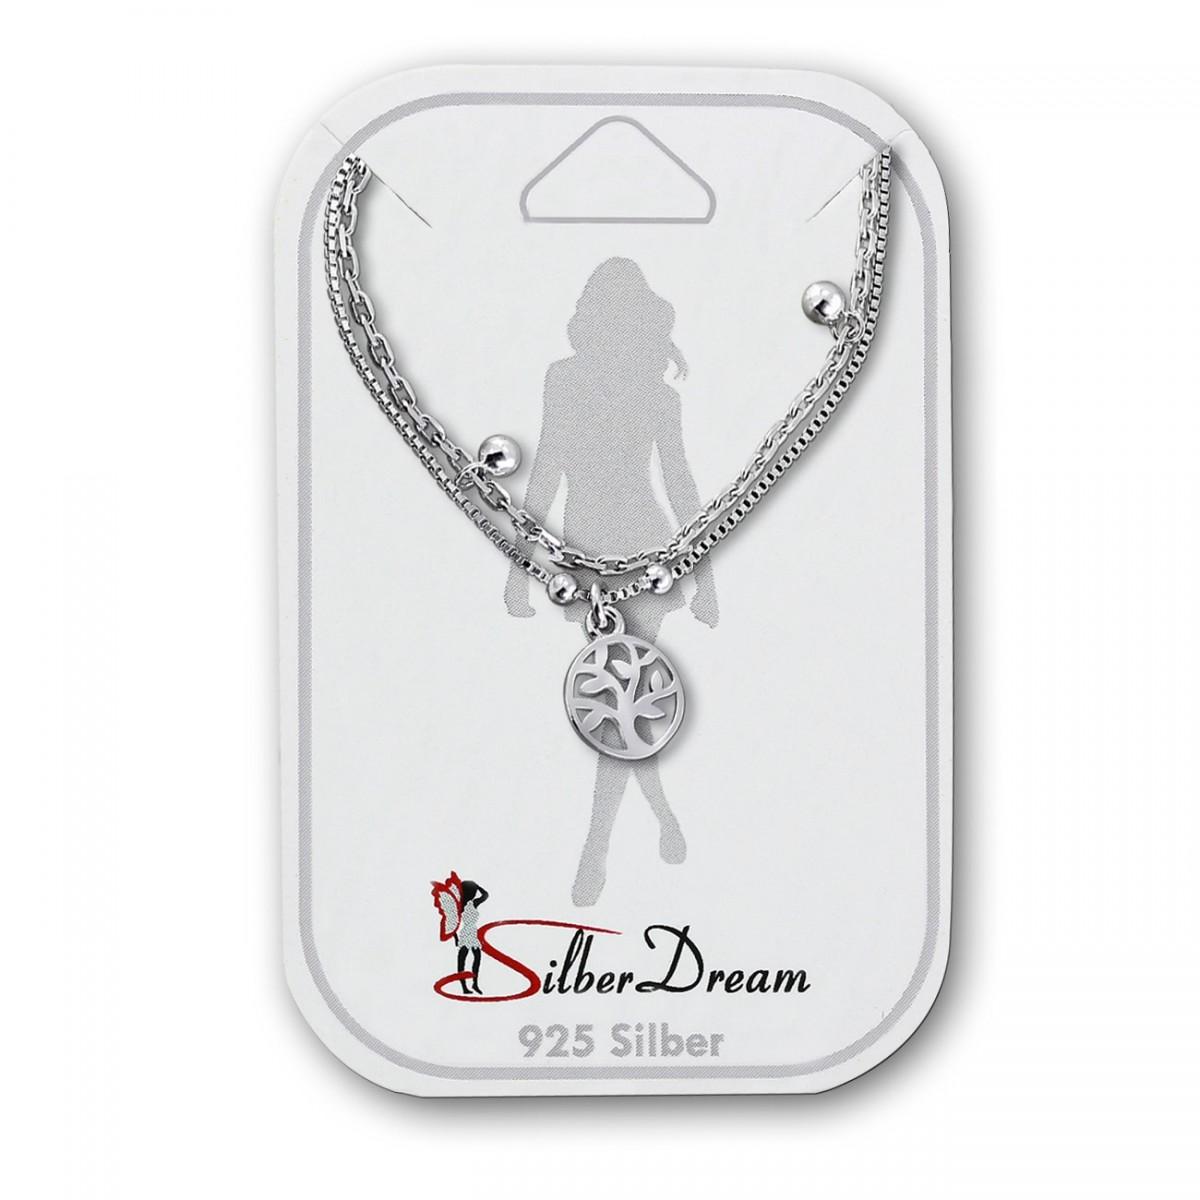 SilberDream Fu/ßketten 25cm bis 28cm 925er Silber verschiedene Designs D3SDF5900JX